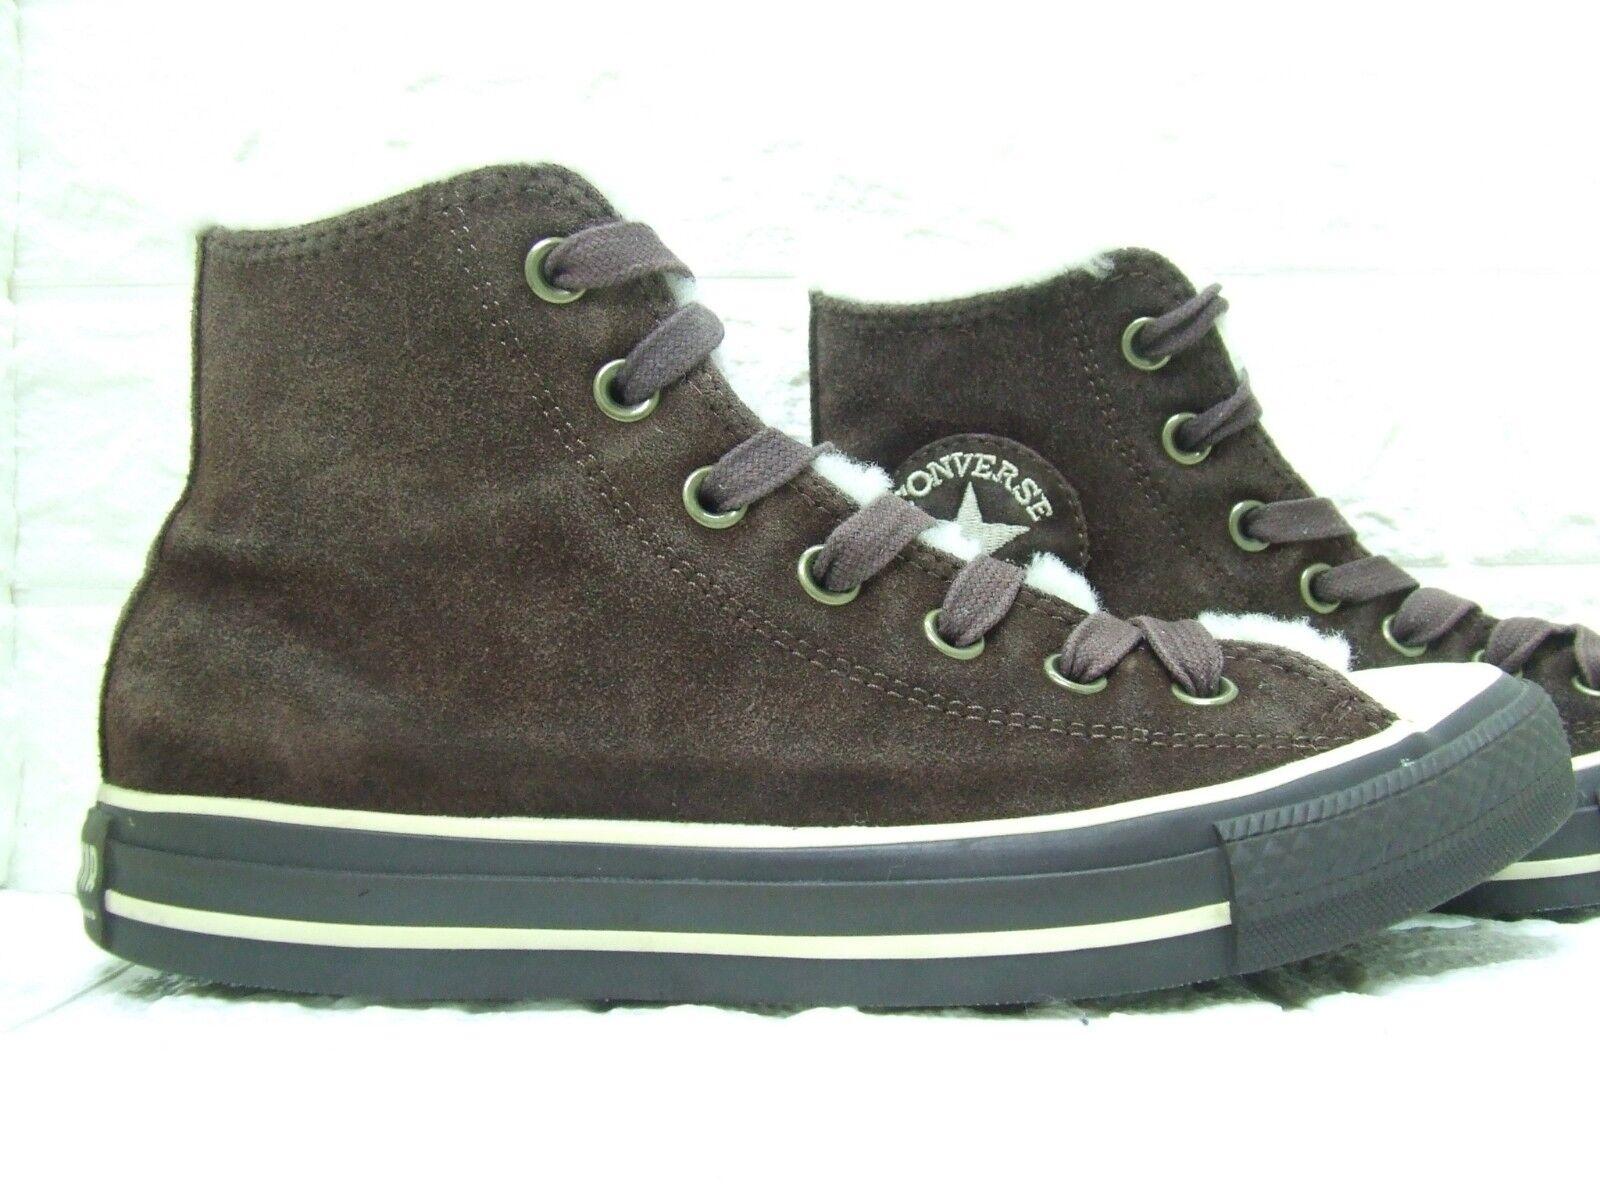 shoes SHOES men women VINTAGE CONVERSE INVERNALE ALL STAR  tg. 6 - 39 (127)